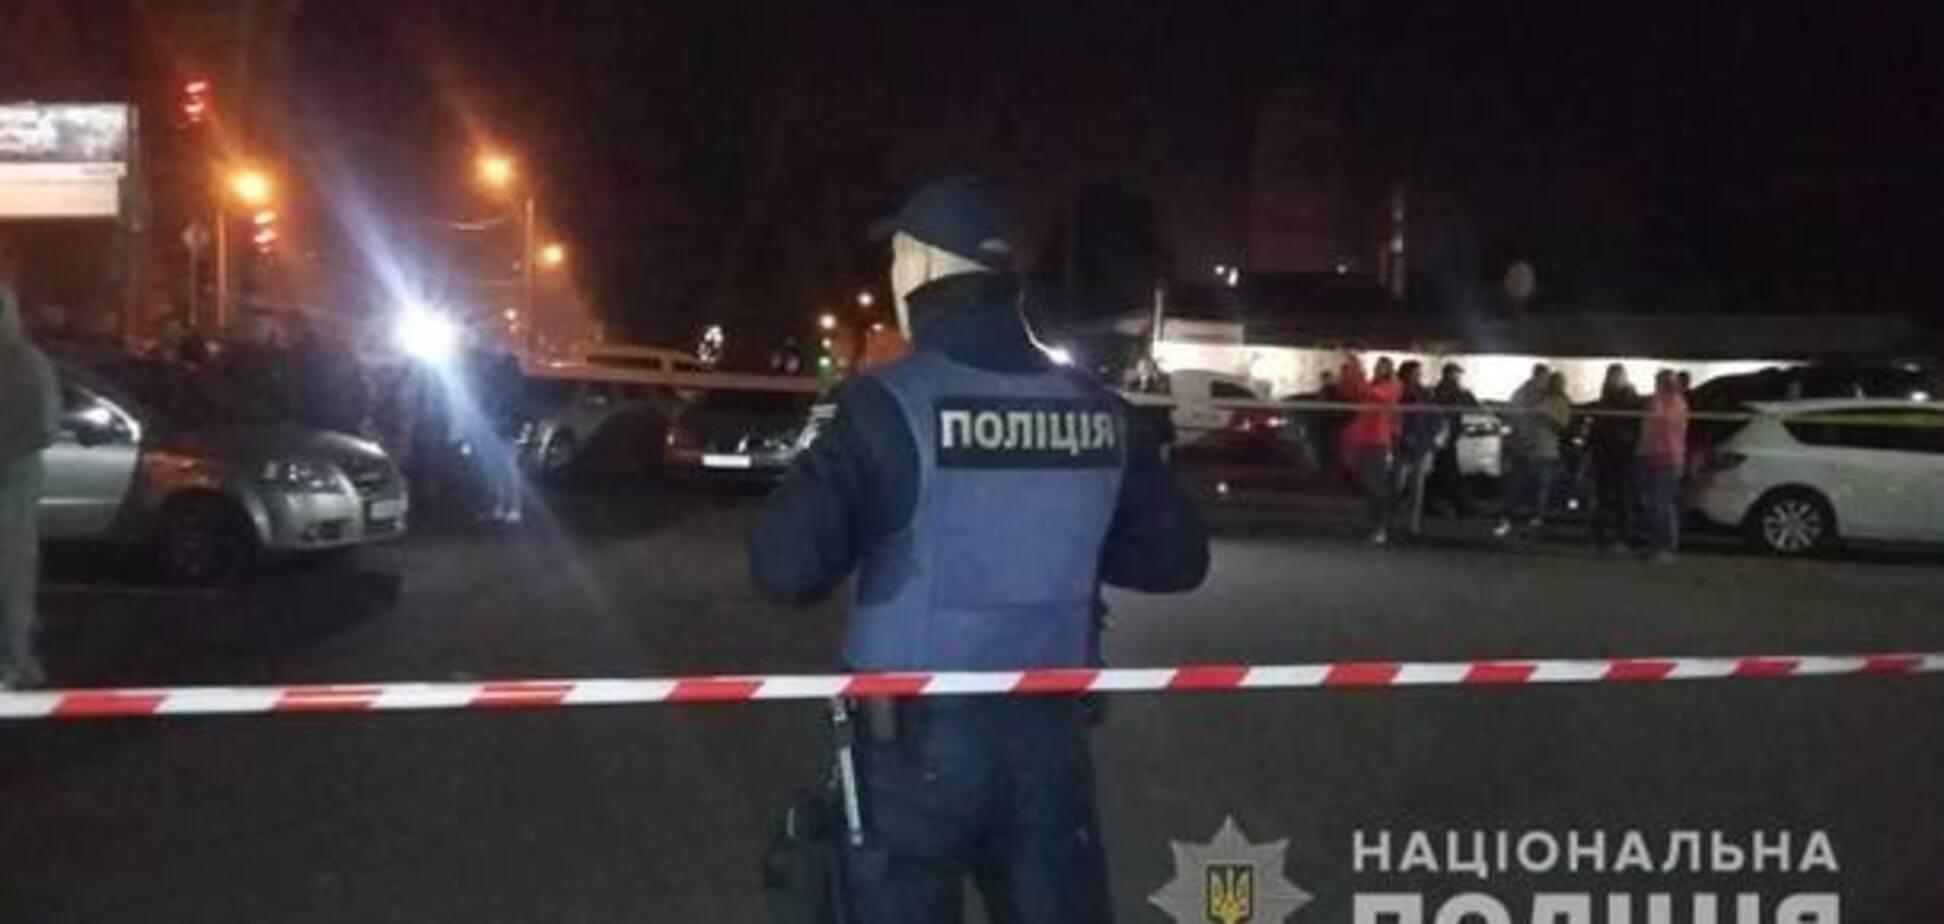 В Харькове произошла жестокая драка в кафе: подробности трагедии